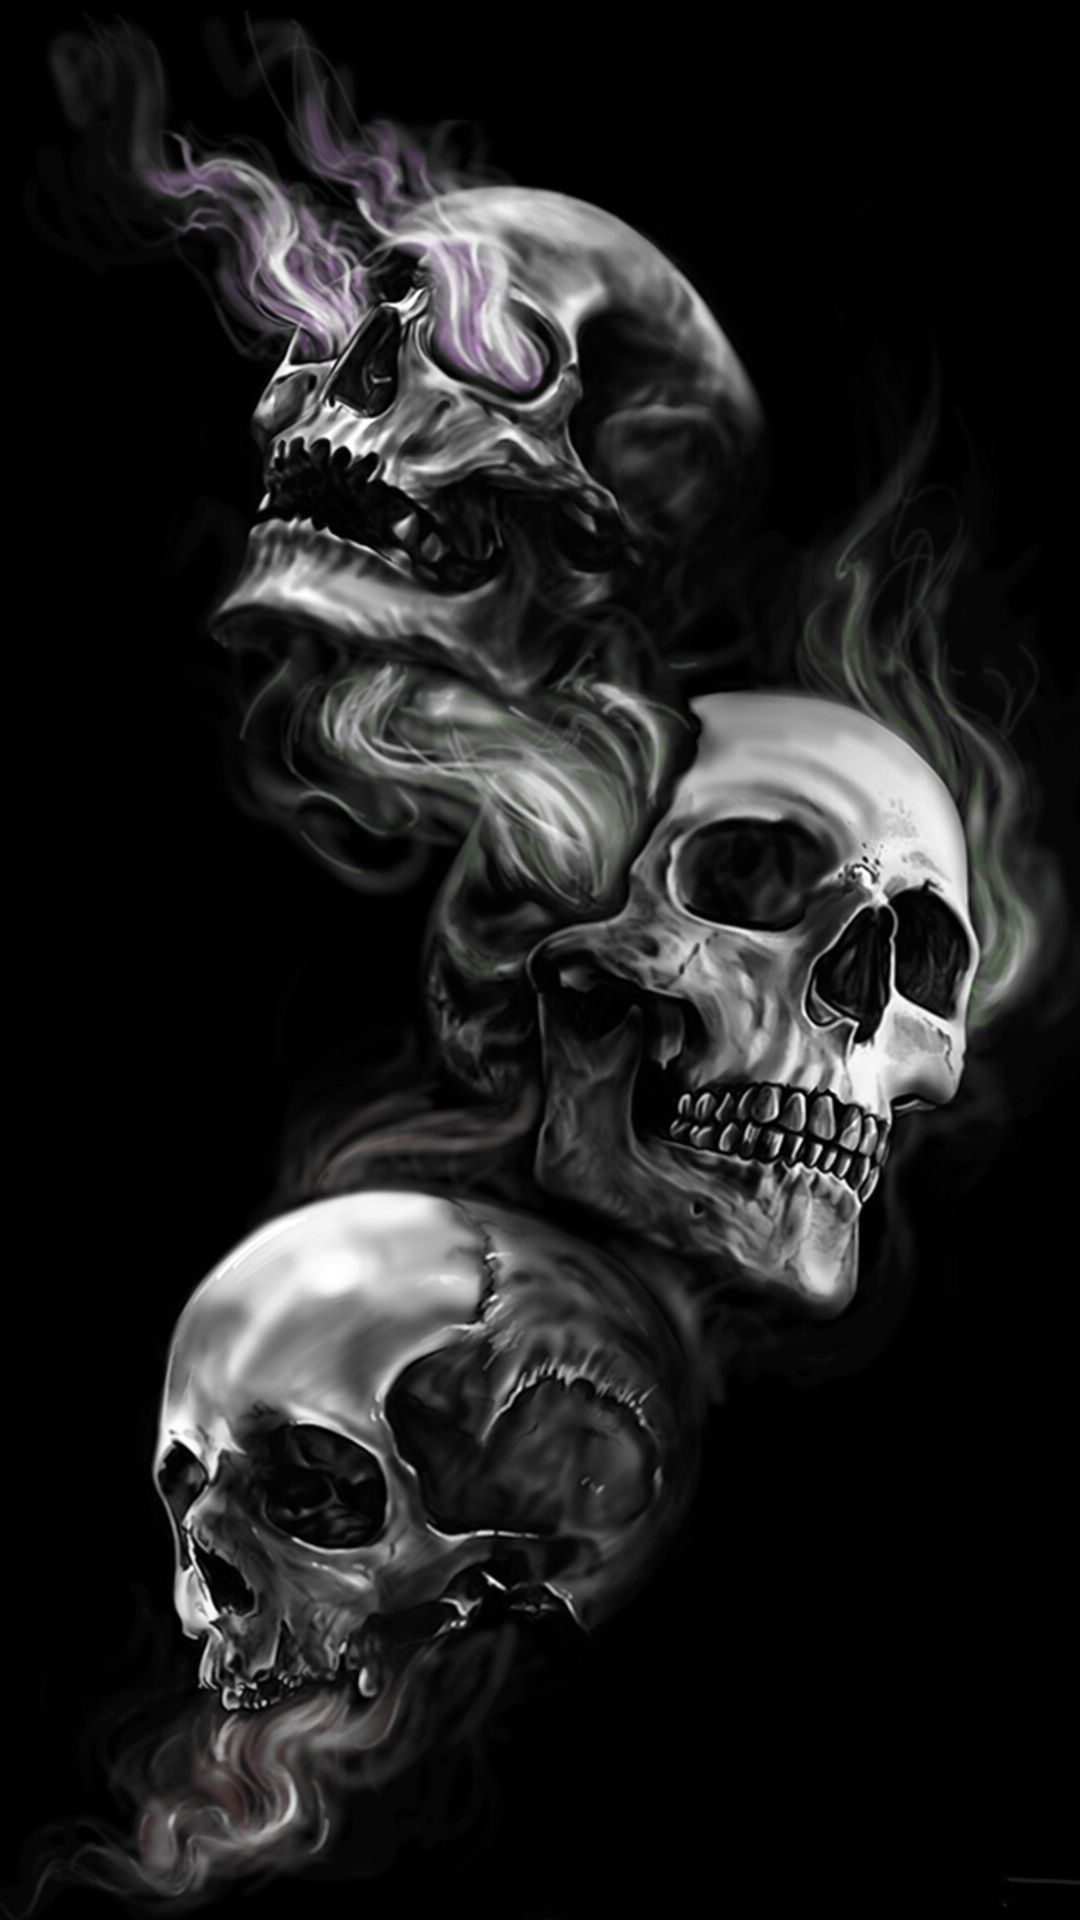 Aesthetic Person Egirl Wallpaper Skull wallpaper, Skull